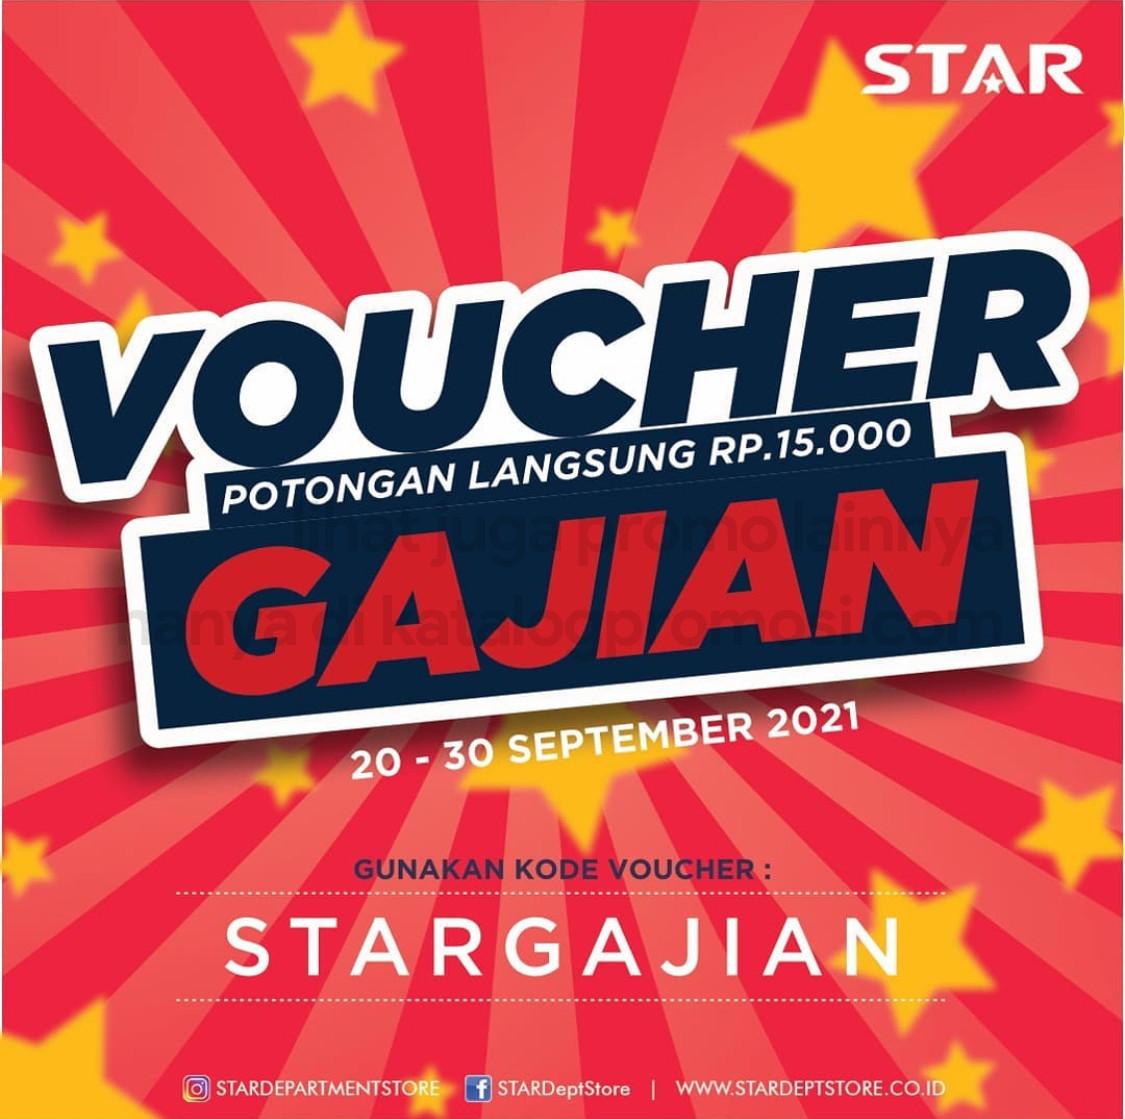 Promo Star Department Store VOUCHER GAJIAN! Dapatkan Potongan langsung Rp 15.000 khusus pembelian website